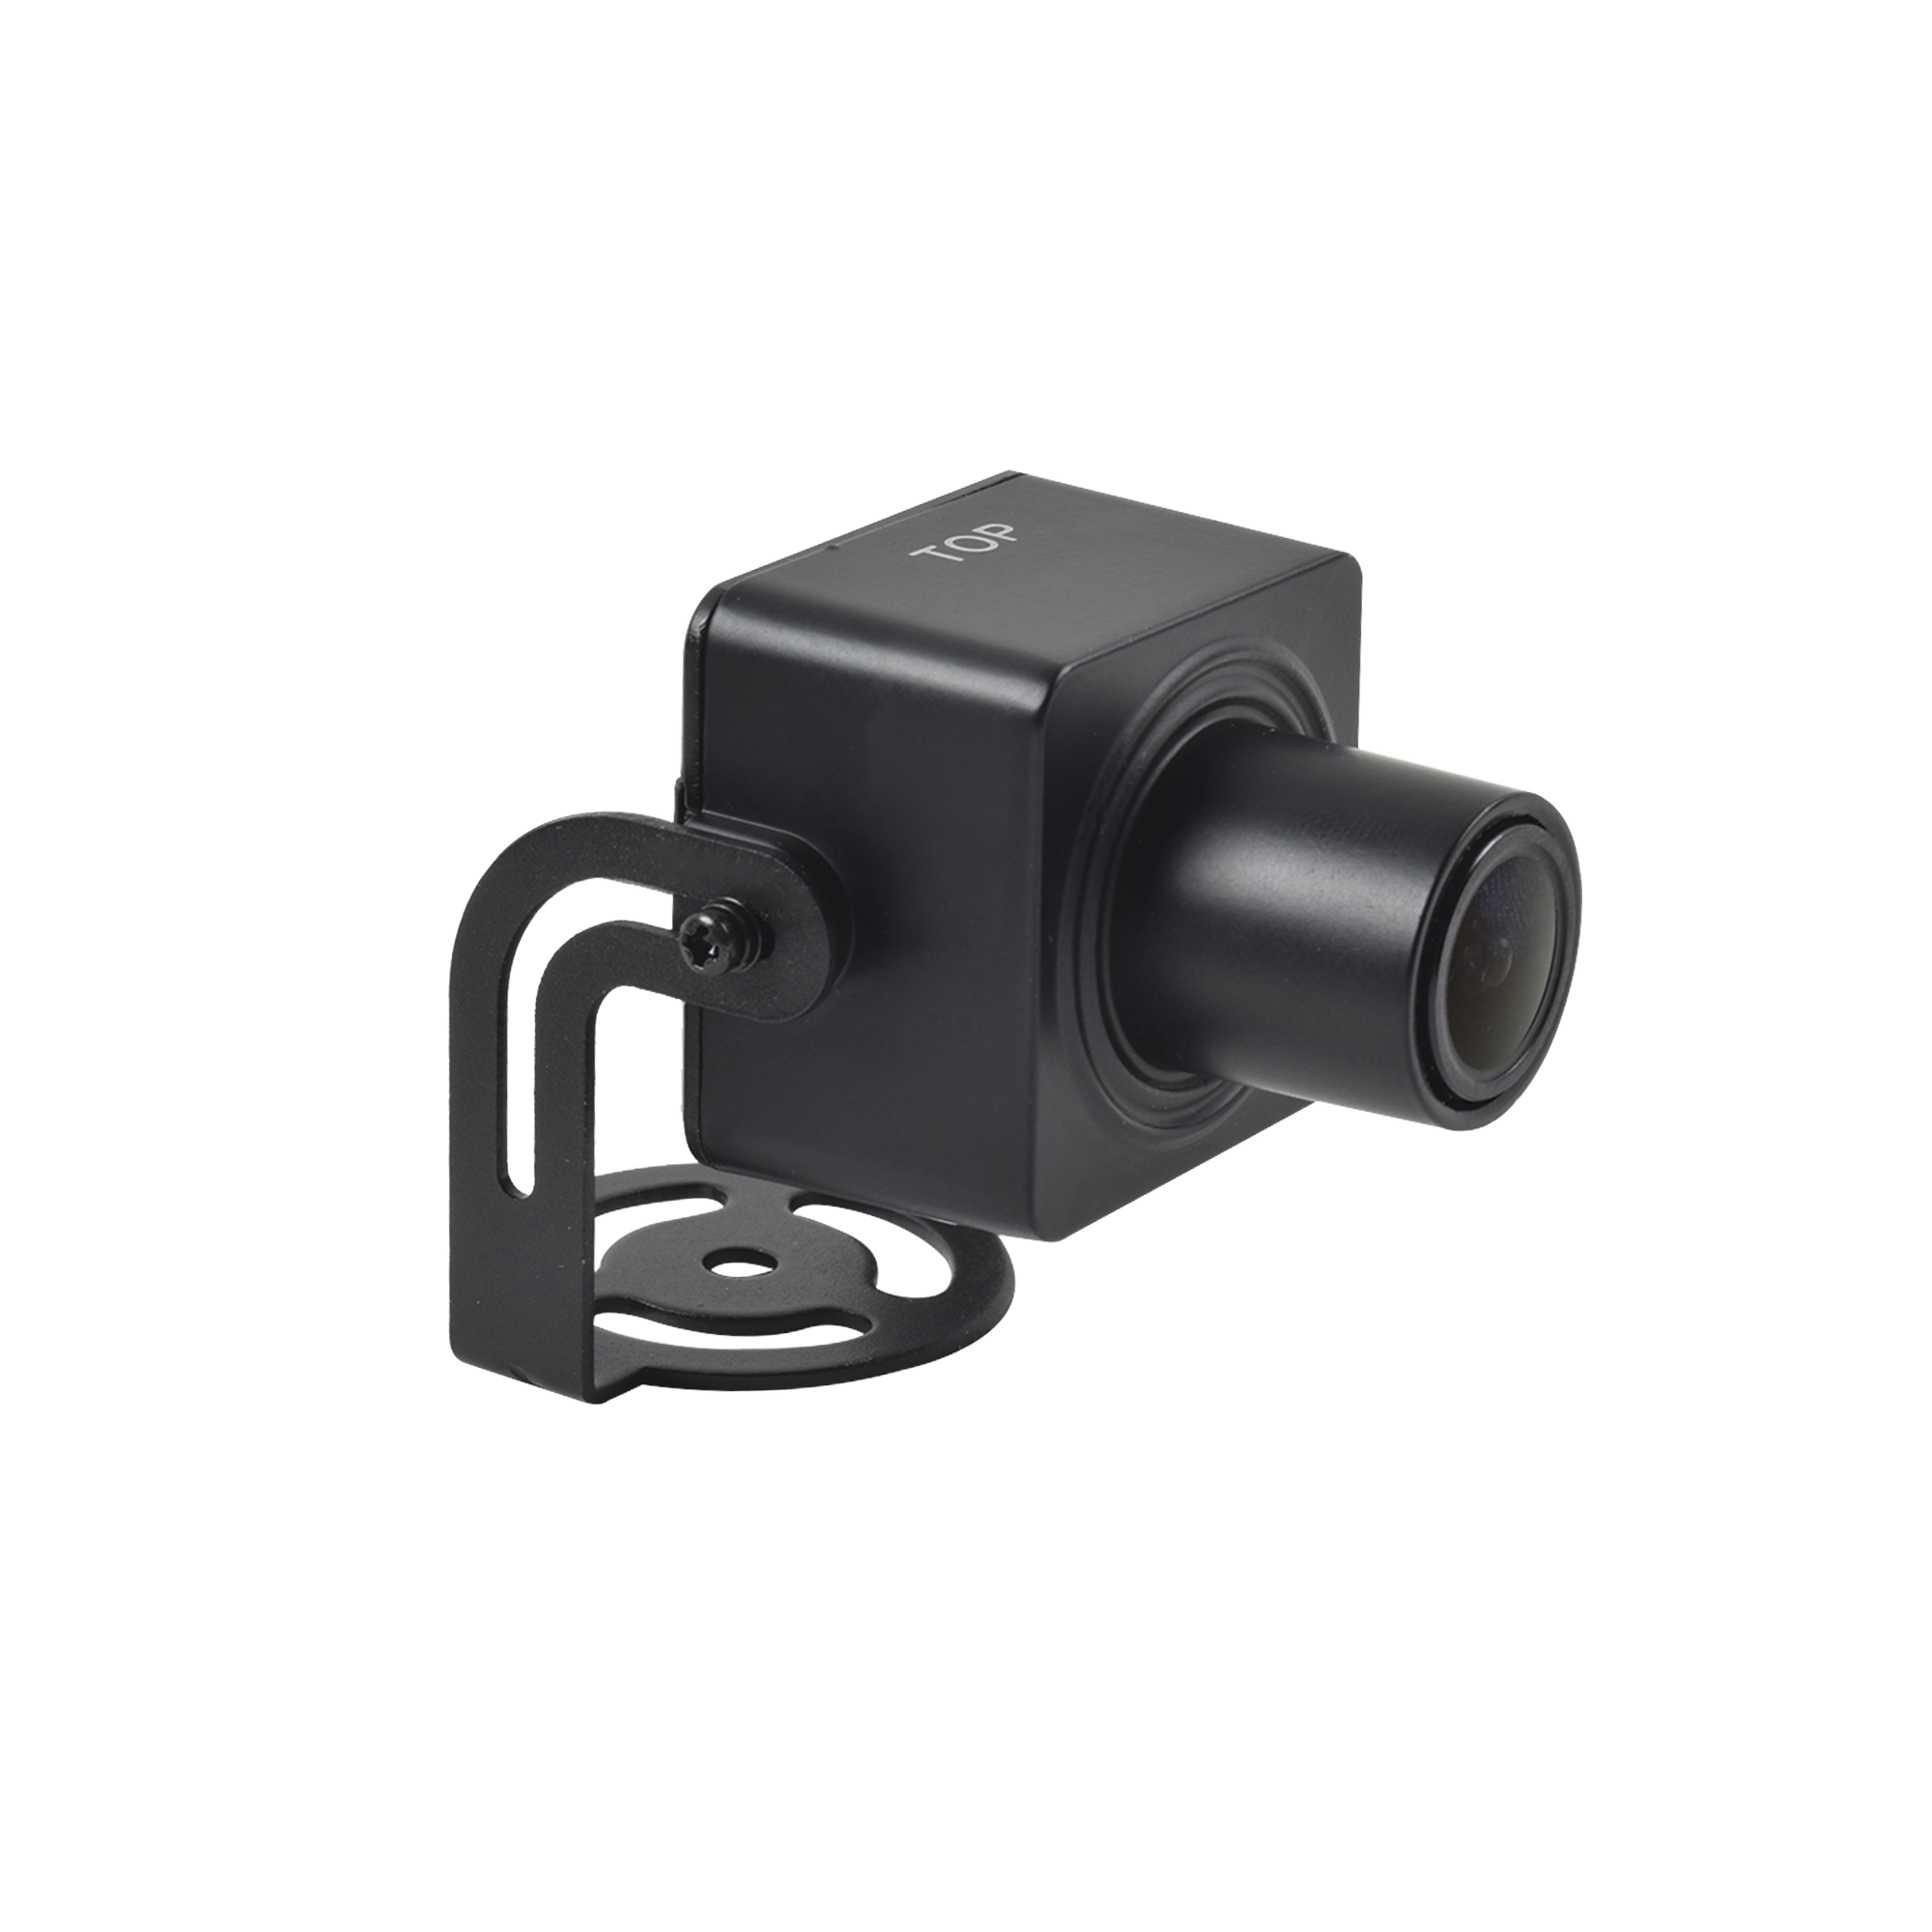 Cámara Oculta IP 2 Megapixel / Lente 2.8 mm / H.265+ / Interior / WDR / 12 VCD / Ultra Baja Iluminación / Entrada de Audio